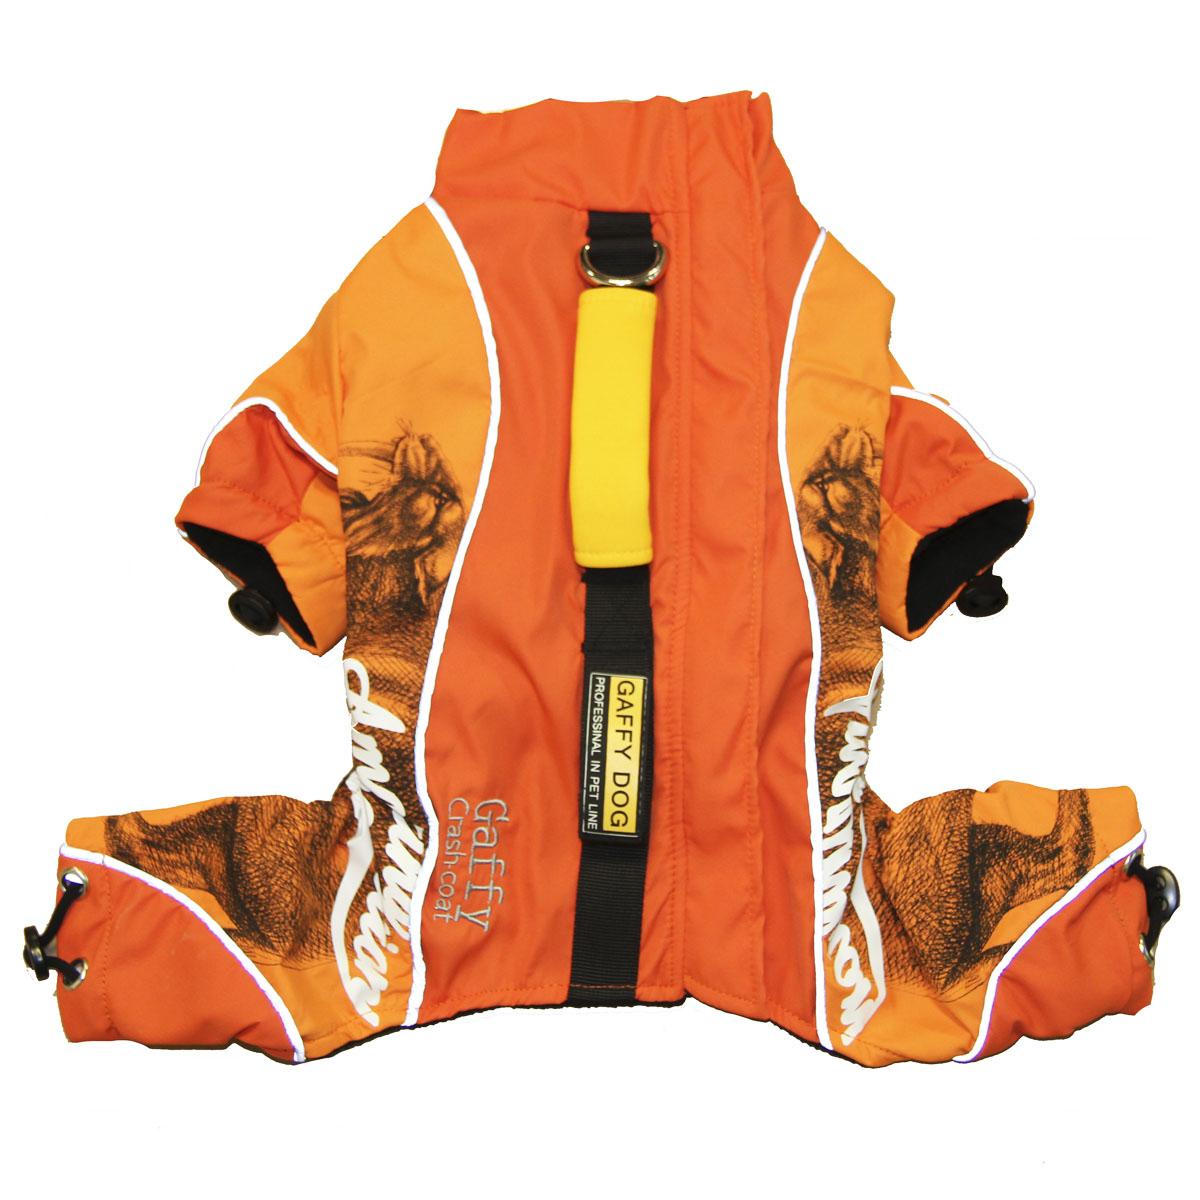 Дождевик для собак Gaffy Pet Pro, унисекс, цвет: оранжевый. Размер 3XL11026 XXXLС дождевиком для собак Gaffy Pet Pro теперь прогулка возможна при любой погоде.На животе есть специальные резинки для лучшей посадки. Все рукава снабжены эластичными лентами с фиксаторами для того, чтобы ни ветер, ни влага не попали внутрь.Дождевик легко надевается и застегивается на молнию на спине. Молния также закрыта водонепроницаемой планкой из нейлона.На спине вшита специальная лента, где закреплено кольцо для поводка, имеется ручка для переноски, а также вторая дополнительная ручка-водилка.Дождевик незаменим при активных прогулках и походах. Да и просто очень удобно использовать для переноски.Все дождевики снабжены светоотражающими элементами. Даже в сумерки и ночью вы легко найдете свою собаку при помощи света от фар или фонарей.Модель имеет интересный принт и яркую расцветку. Подойдет всем собакам.Данные модели дождевиков были запатентованы как полезная модель. Патент # 2014125392.Обхват шеи: 52 см.Обхват груди: 104 см.Длина спины: 67 см.Одежда для собак: нужна ли она и как её выбрать. Статья OZON Гид